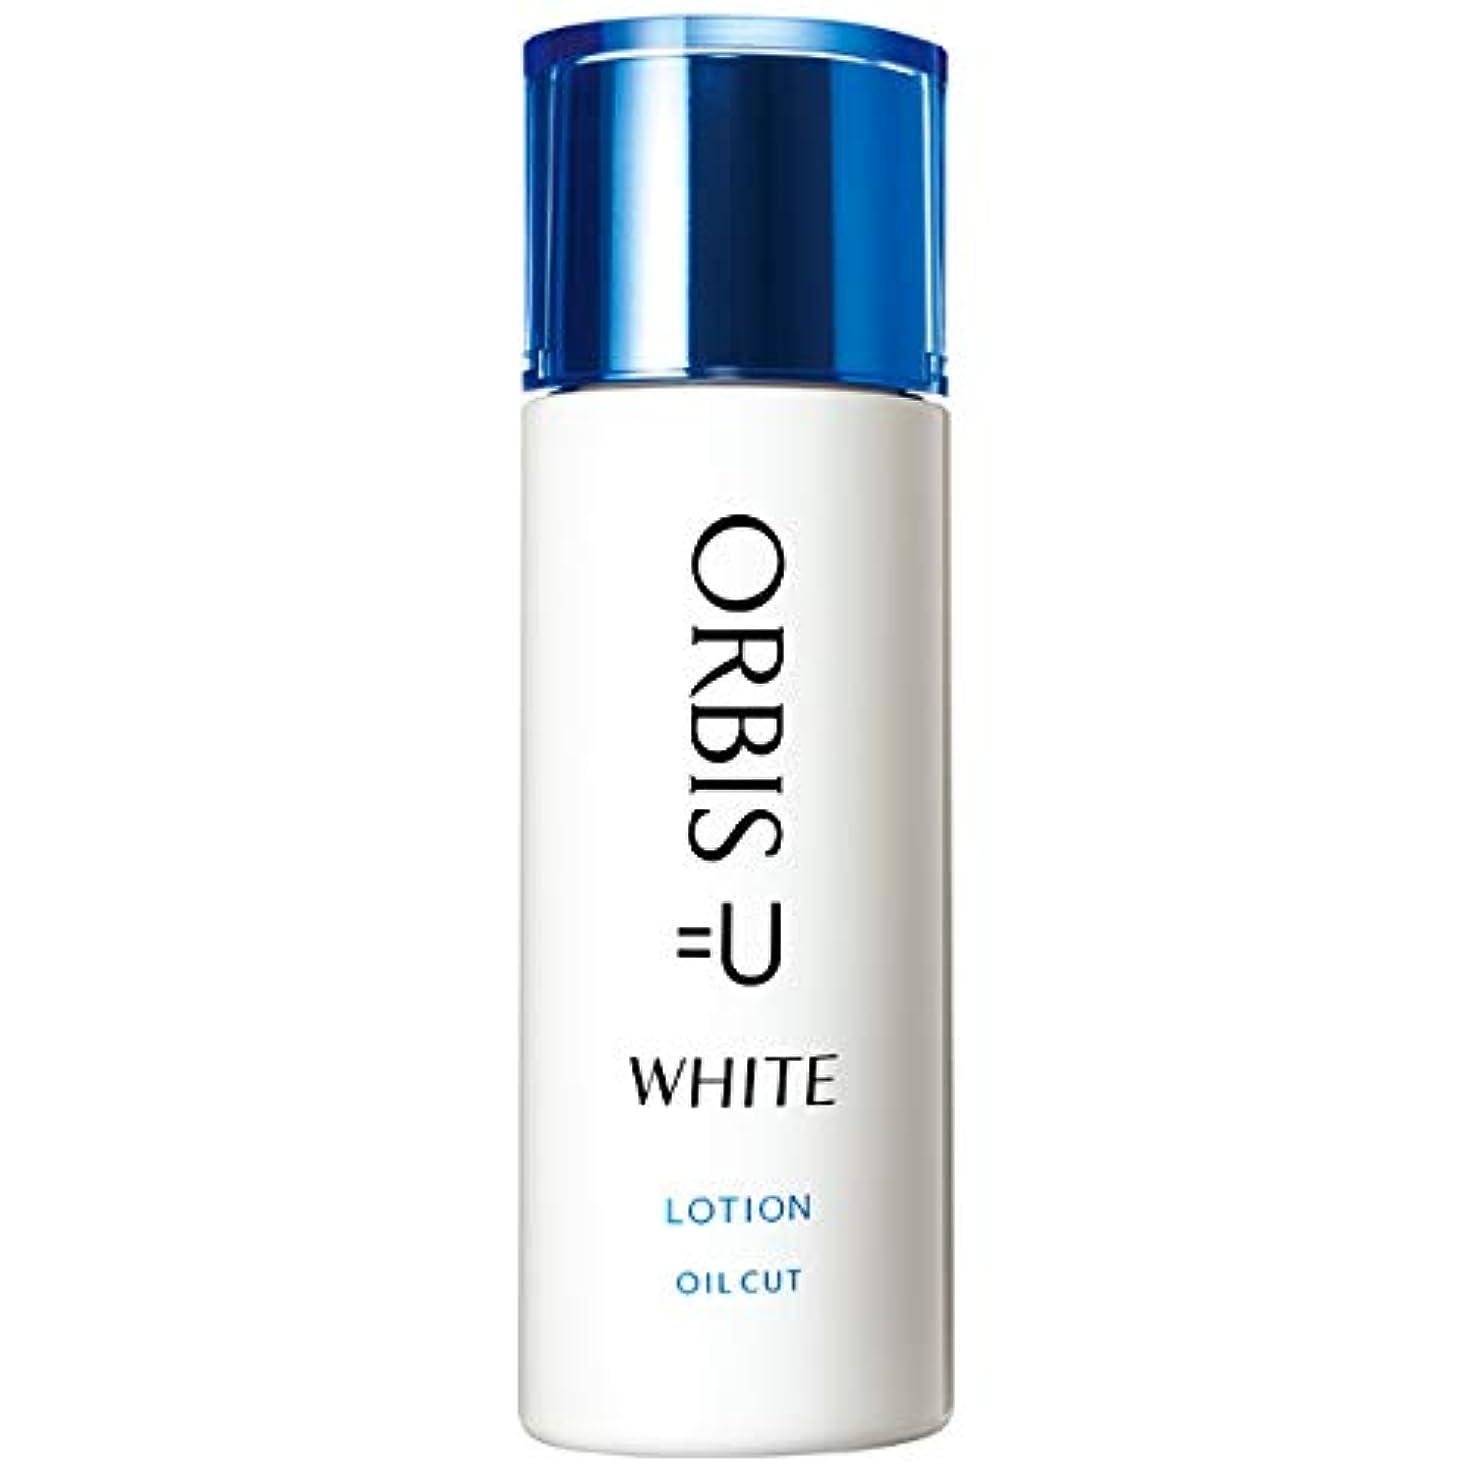 シンポジウムマットばかげているオルビス(ORBIS) オルビスユー ホワイト ローション 180mL 化粧水 [医薬部外品]